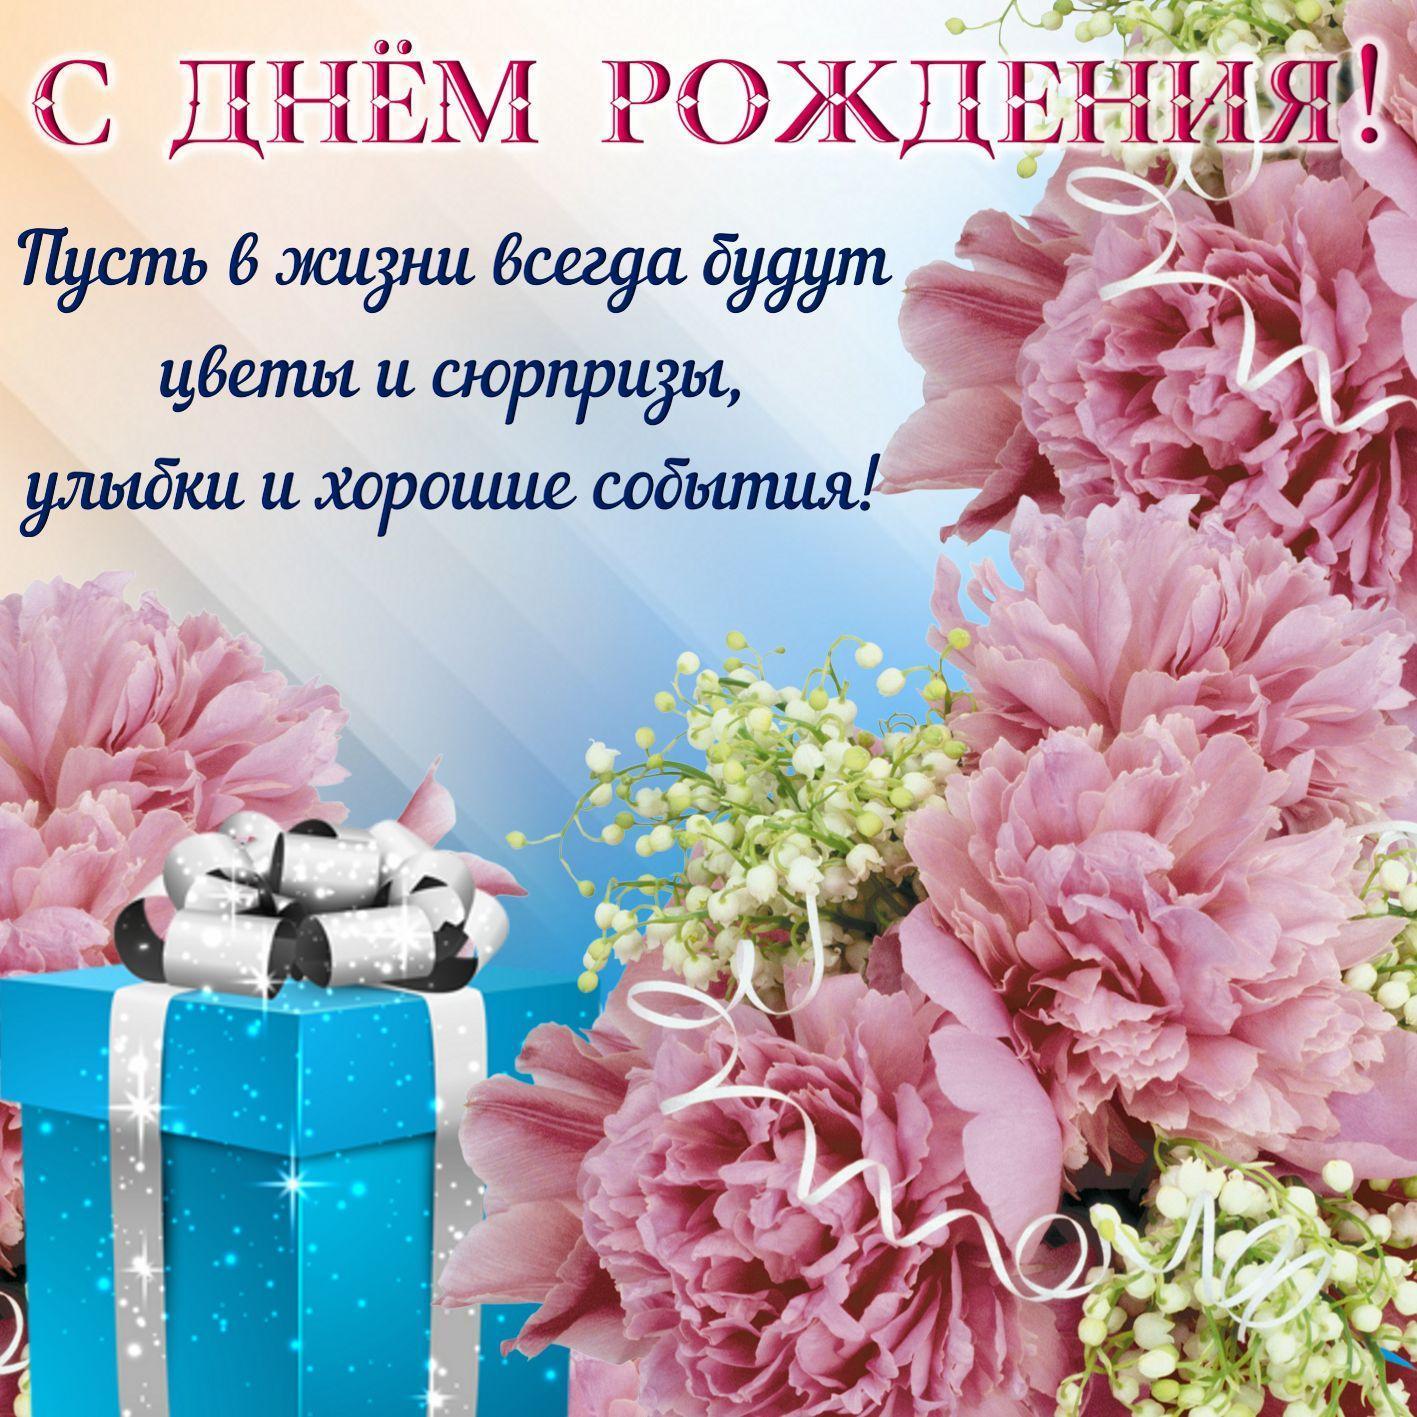 красивые смс поздравления с днем рождения женщине